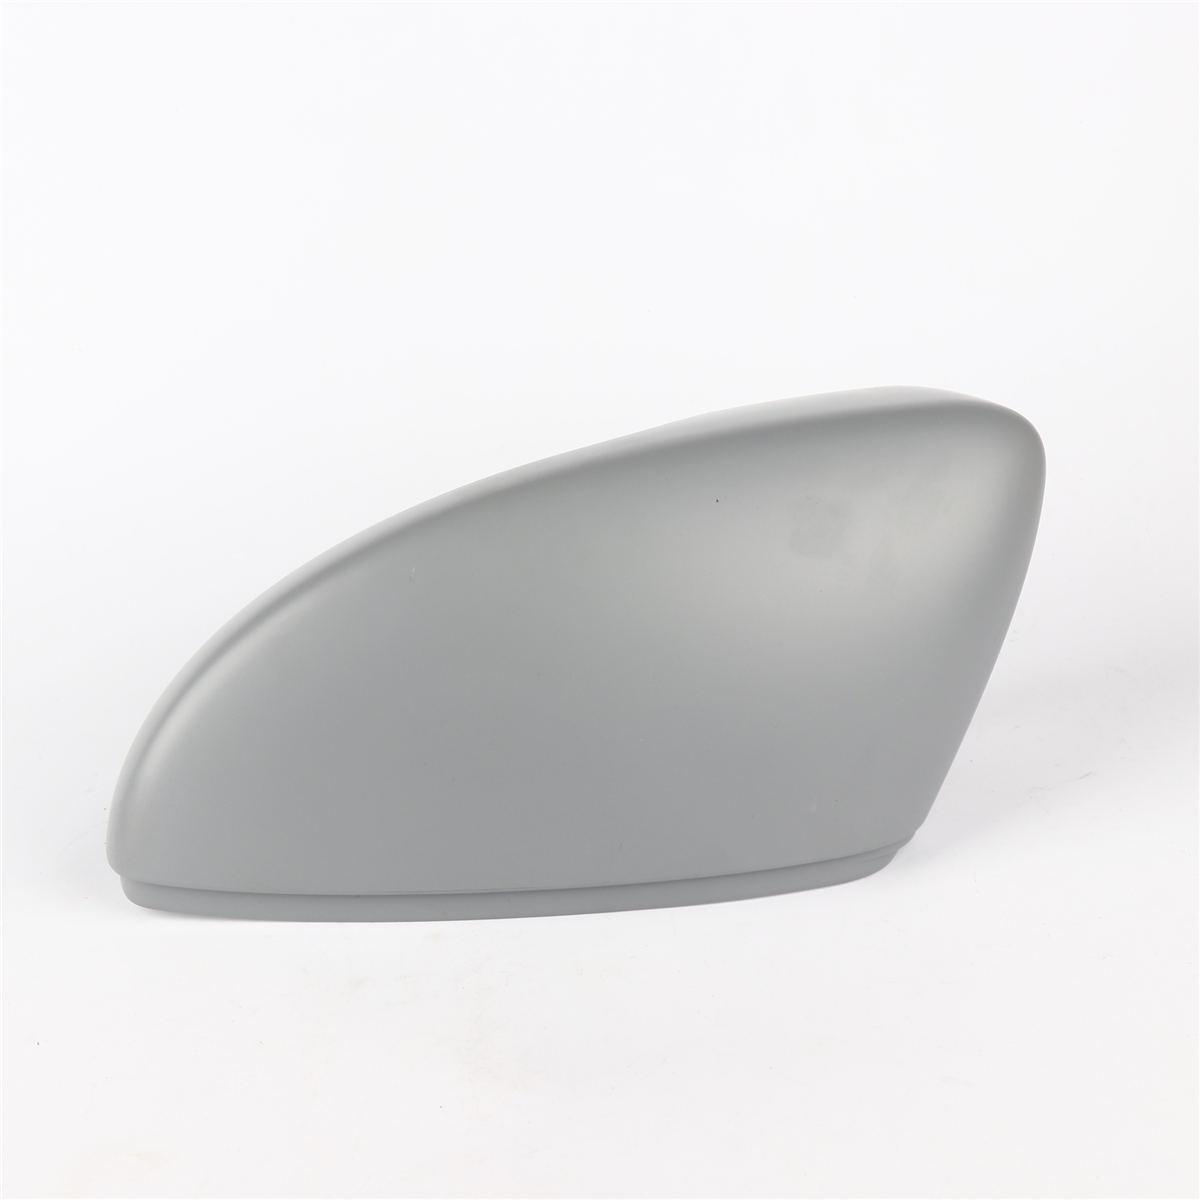 1 pièces Côté Gauche Gris Rétroviseur Couvre La Caisse Pour VW Passat B7 Passat CC NF 3C8 857 537 Un GRU